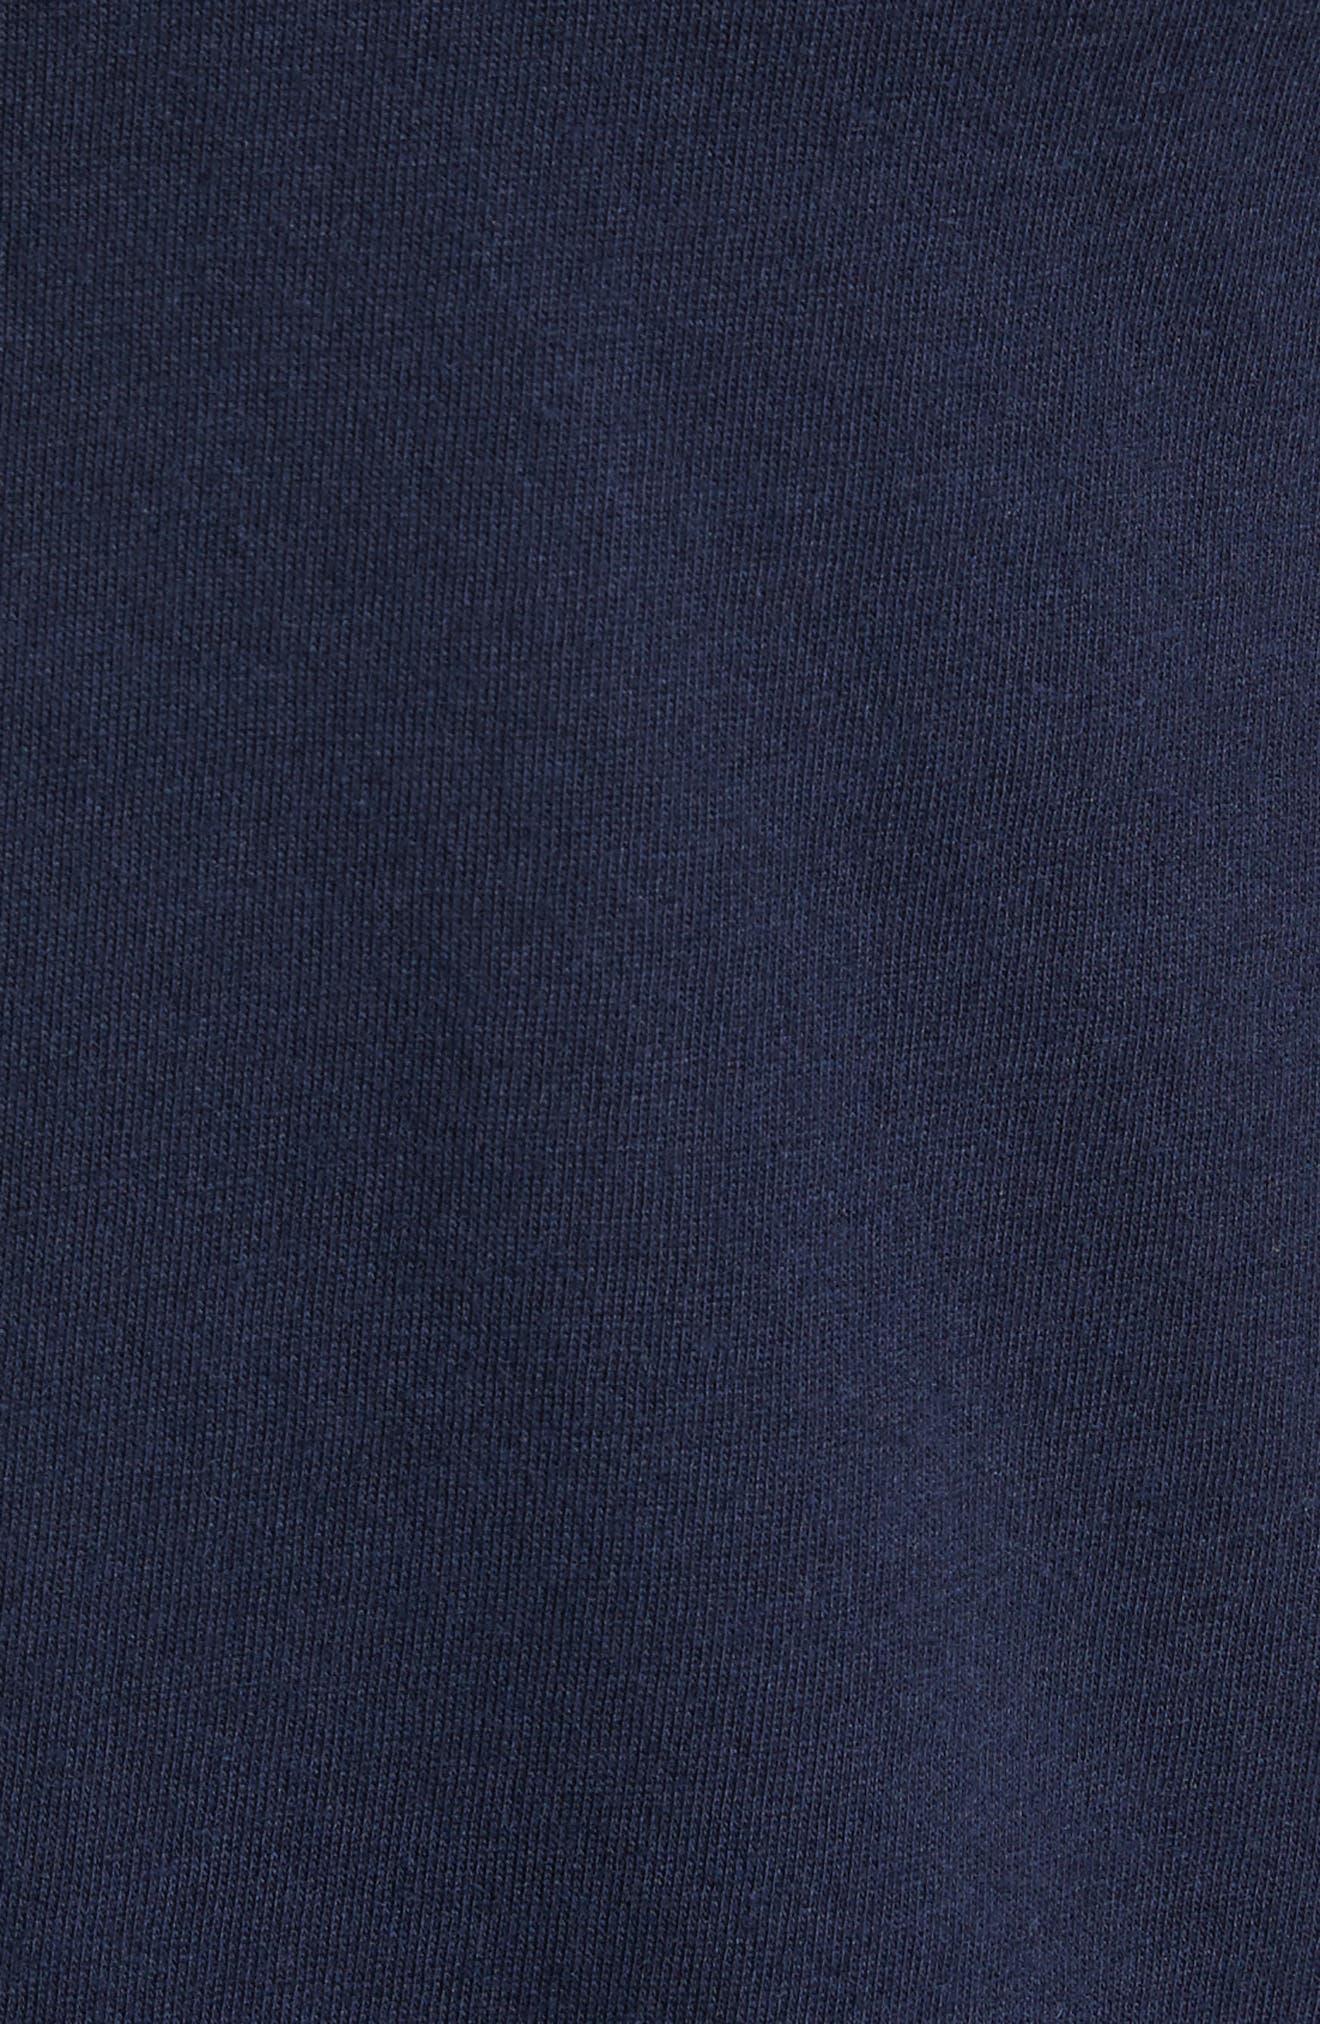 Elliott Henley T-Shirt,                             Alternate thumbnail 5, color,                             419